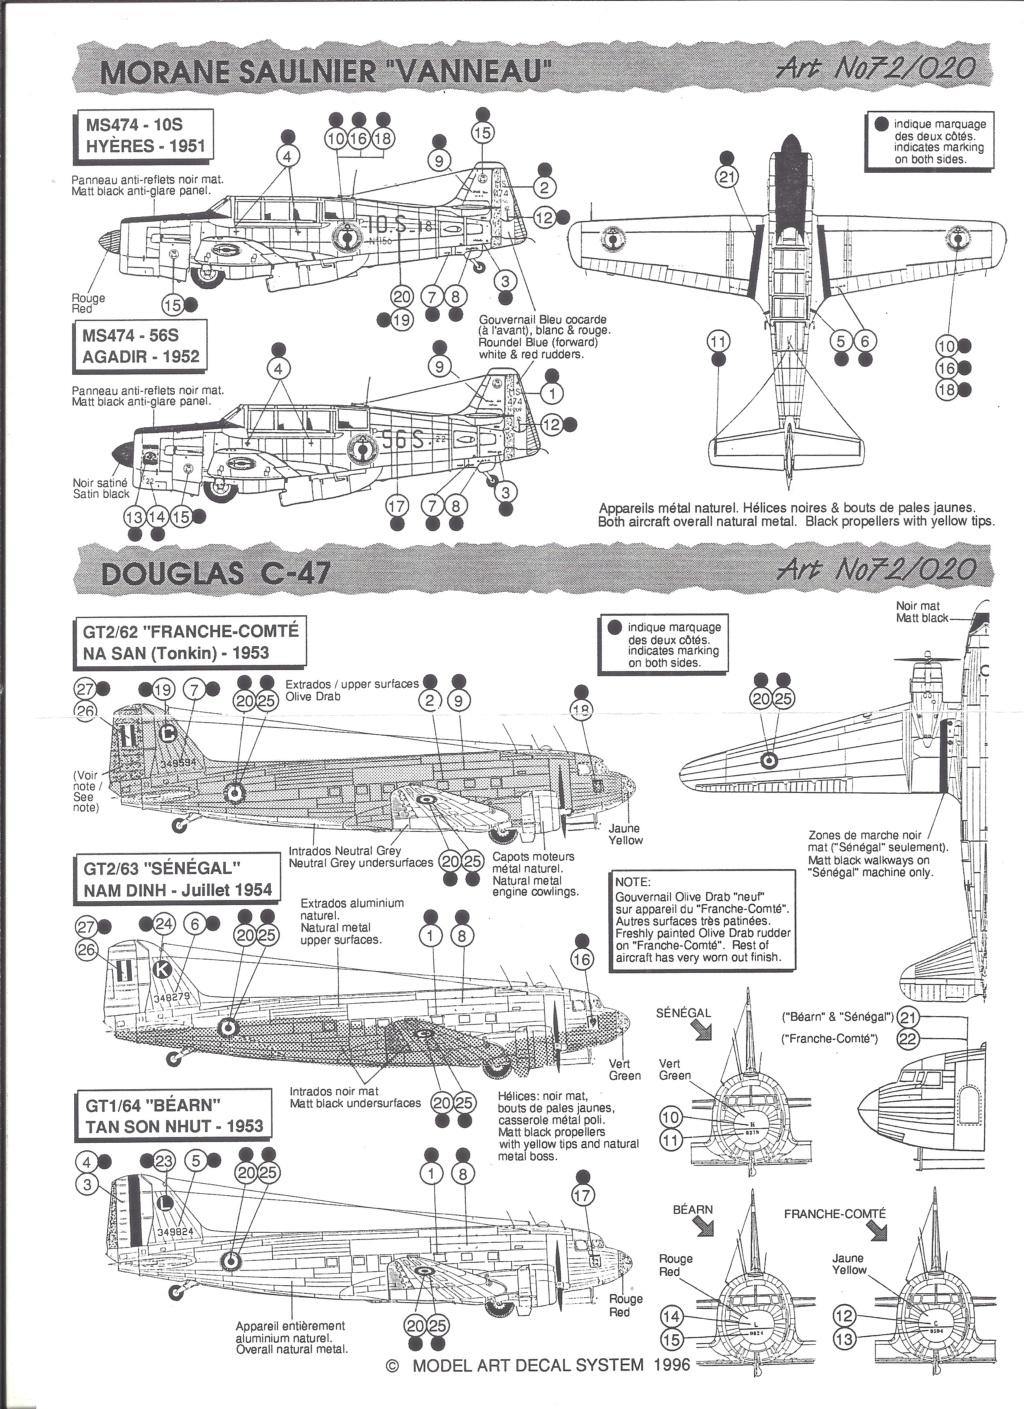 [MODEL ART] Planche de décals  DOUGLAS C-47, MORANE SAULNIER MS 474 VANNEAU & GLOSTER METEOR F 8 1/72ème Réf 72-20 Model_27